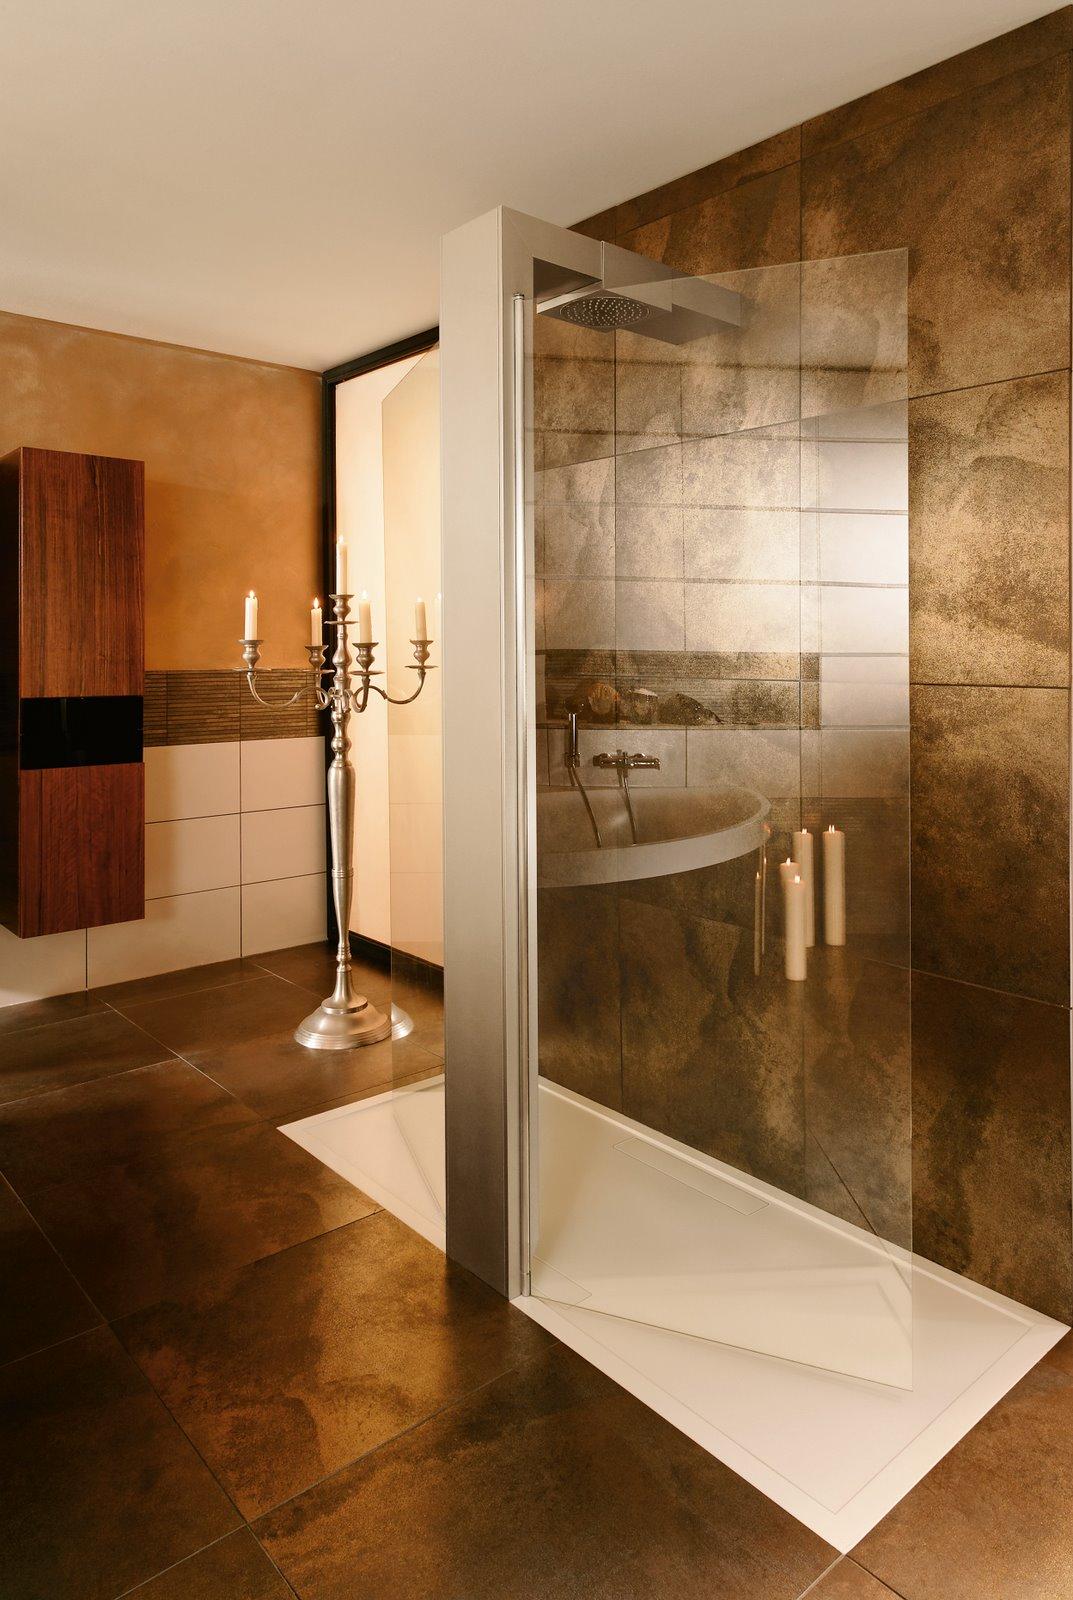 Alles over badkamers complete badkamers - Salle de bain brossette ...